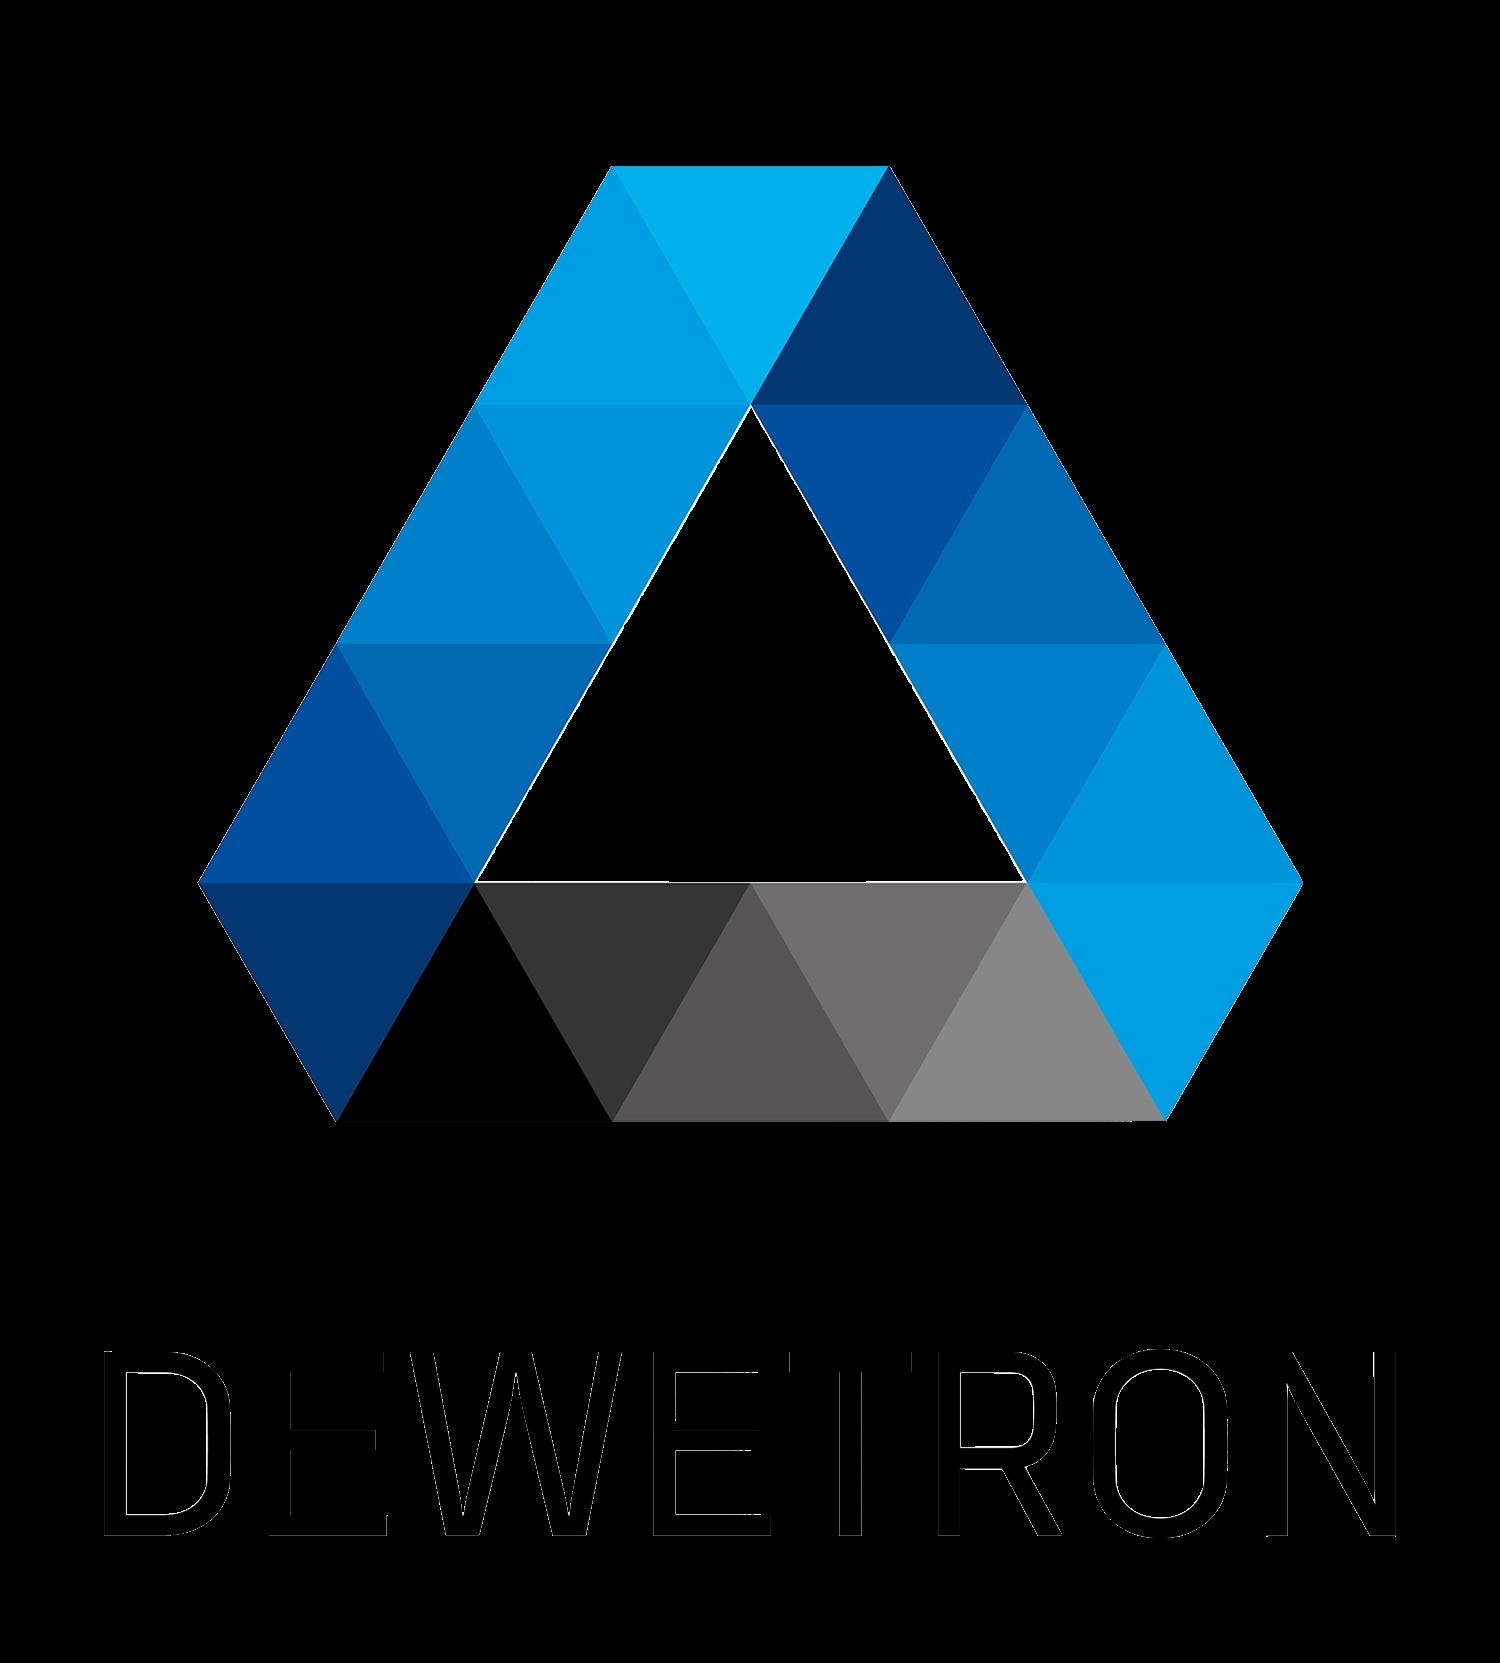 Dewetron